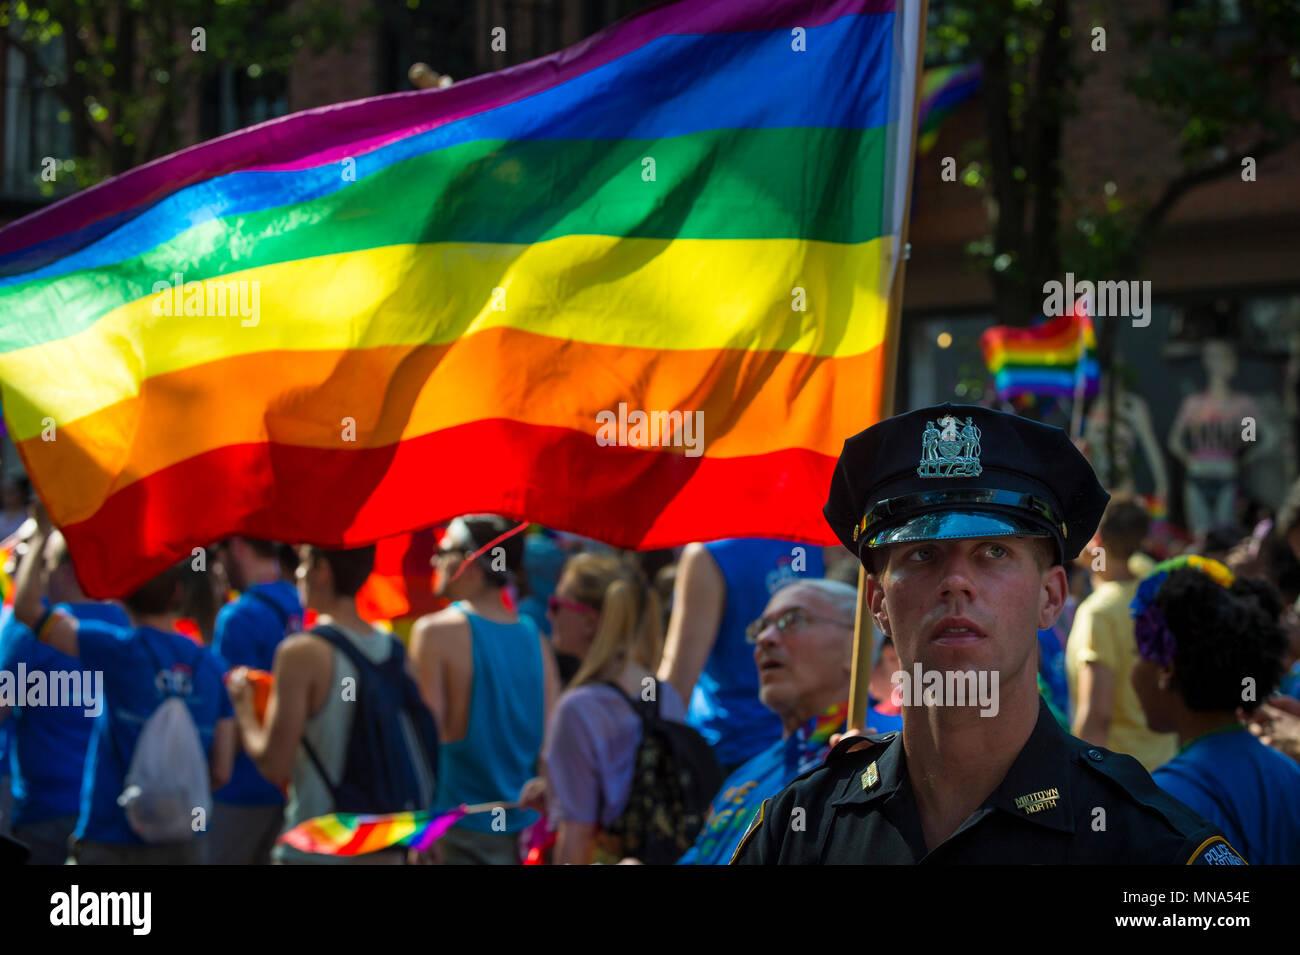 La CIUDAD DE NUEVA YORK - 25 de junio de 2017: la oficina de la policía de NYPD Guapo proporciona seguridad al margen del Desfile del Orgullo Gay anual a medida que pasa a través de Greenwic Imagen De Stock